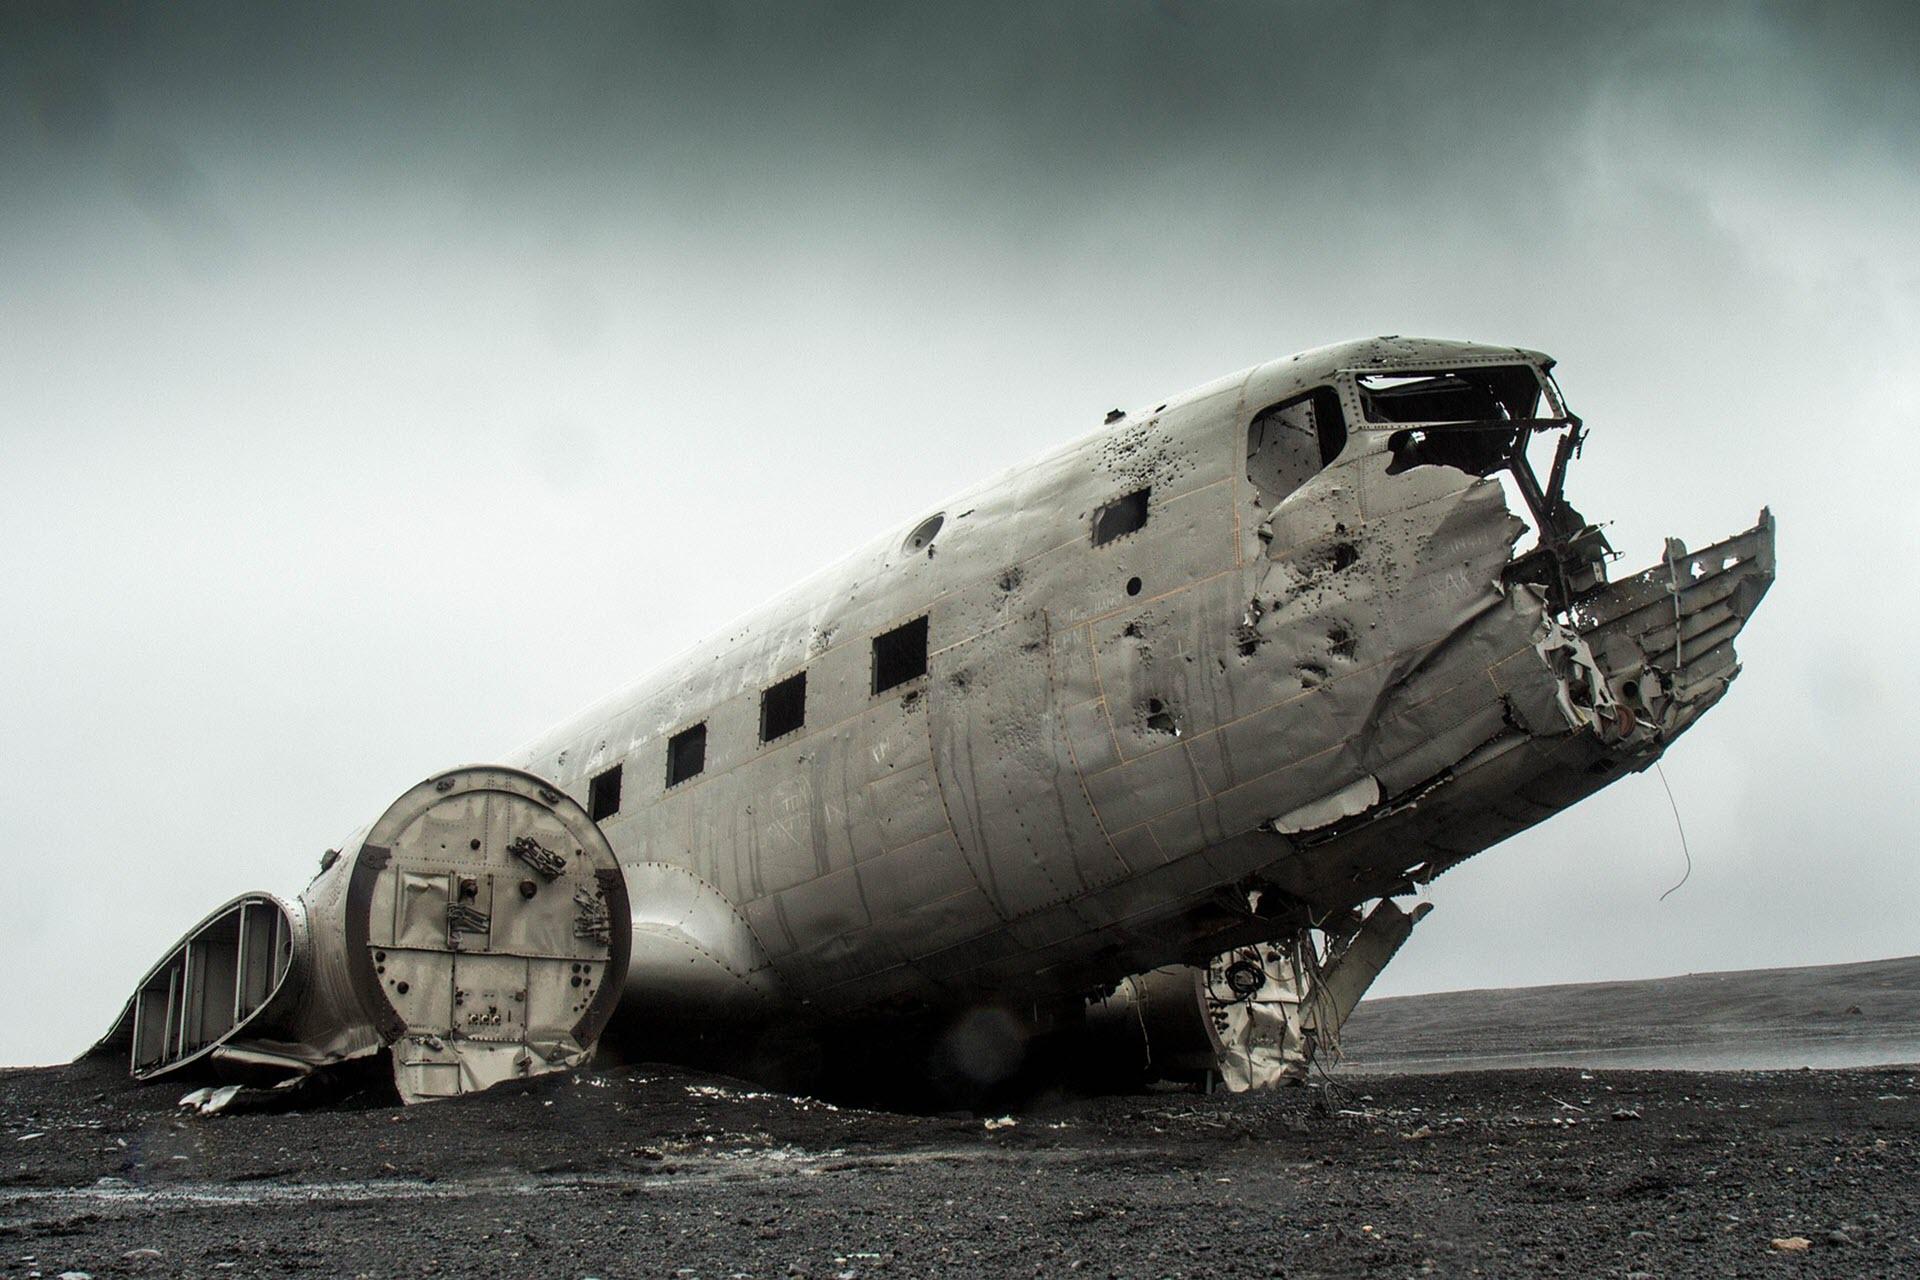 Flugzeug stürzt ab ✈️ – und das geht dir durch den Kopf! 🤔